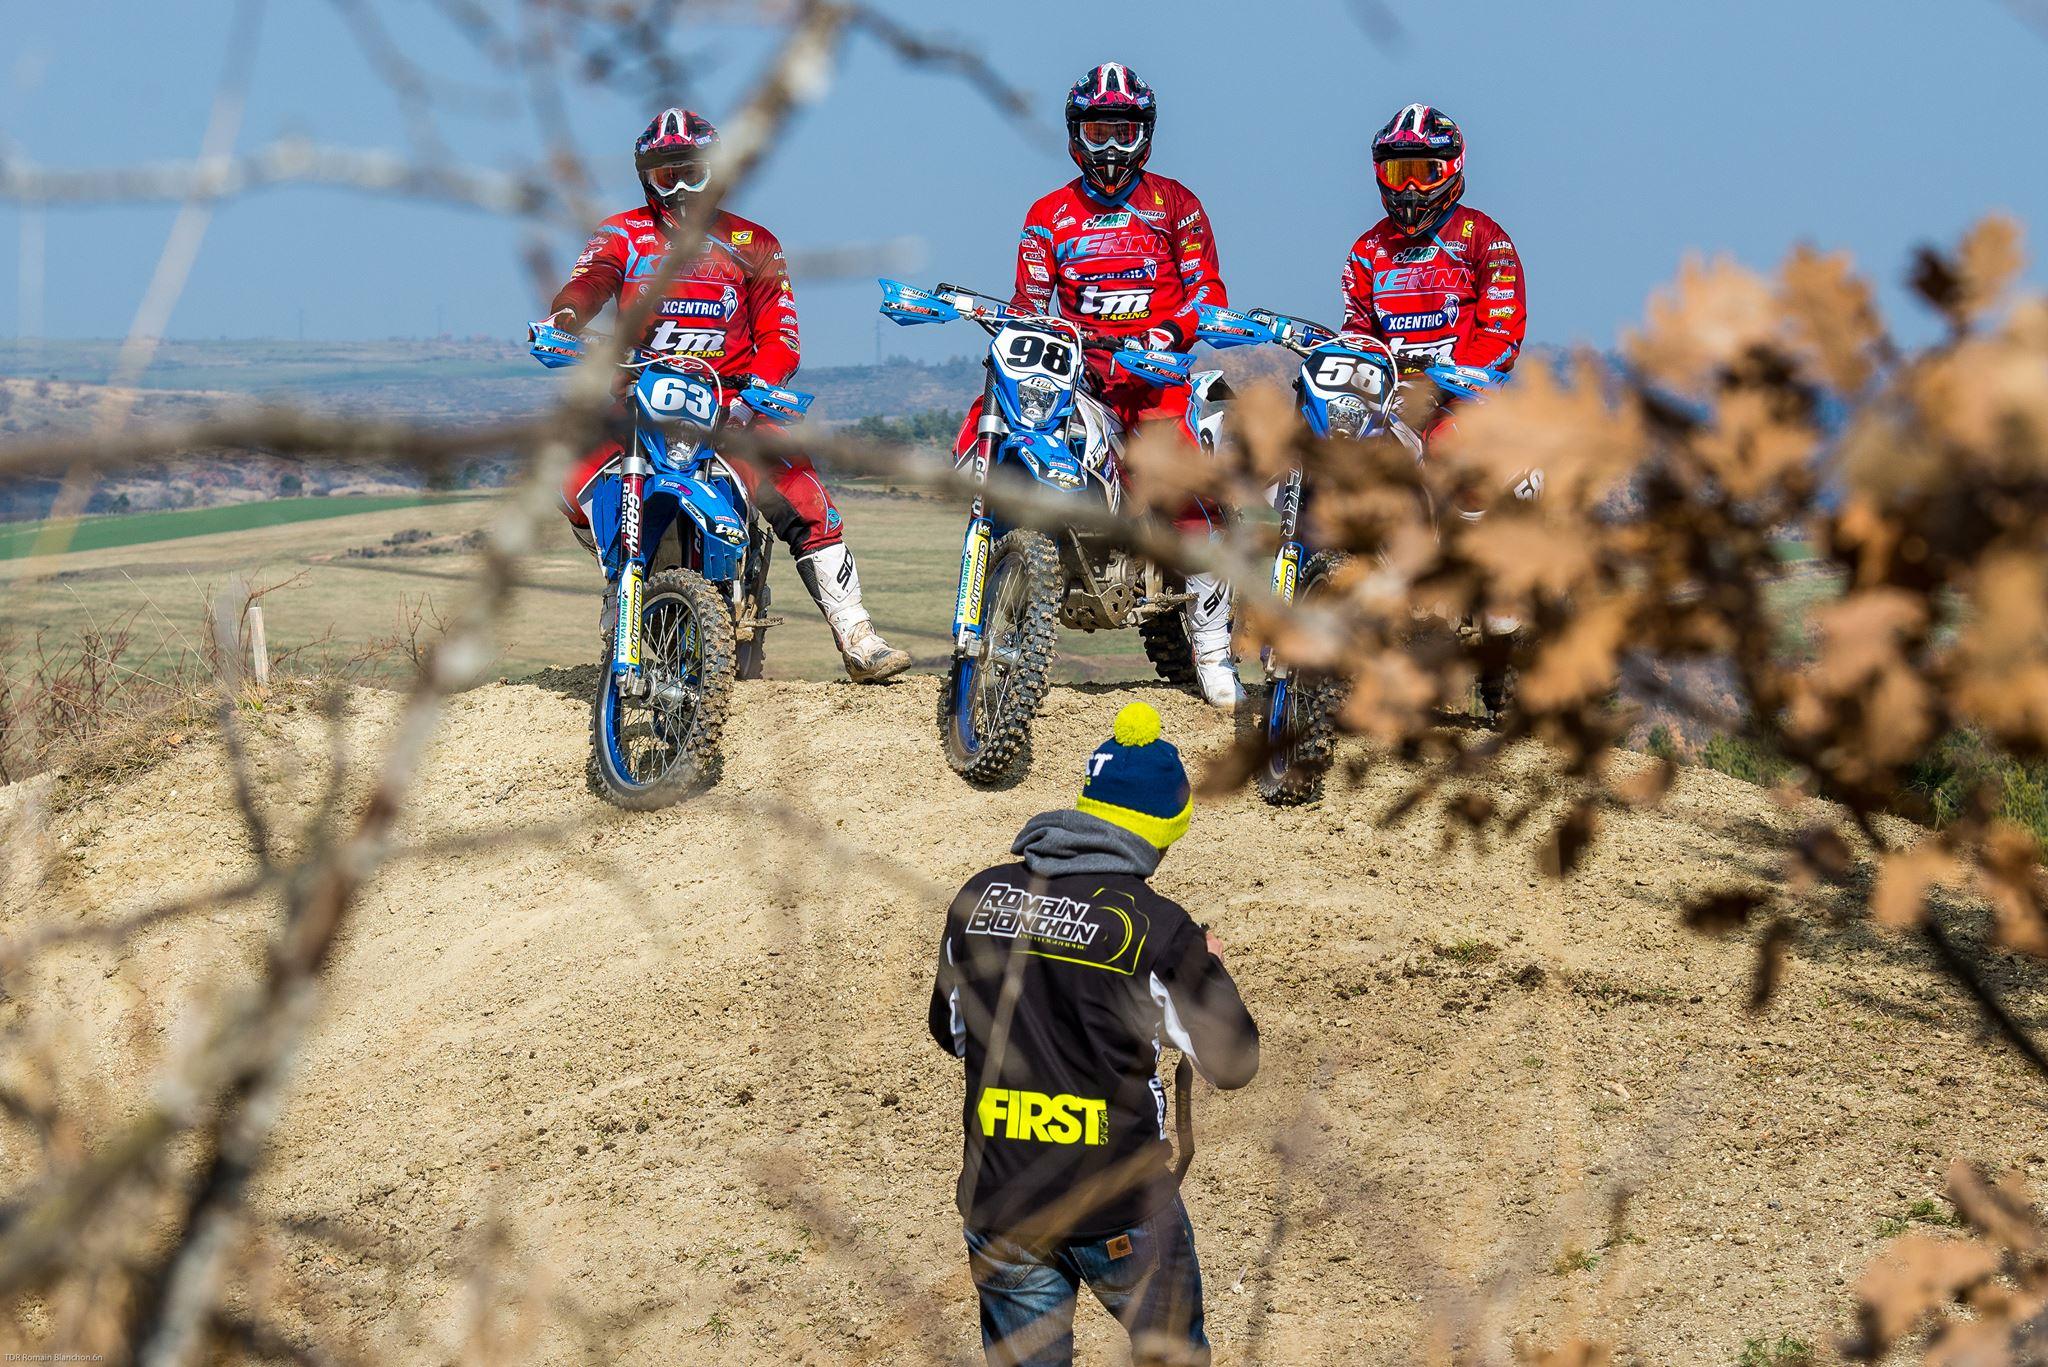 pit bike photographe romain blanchon